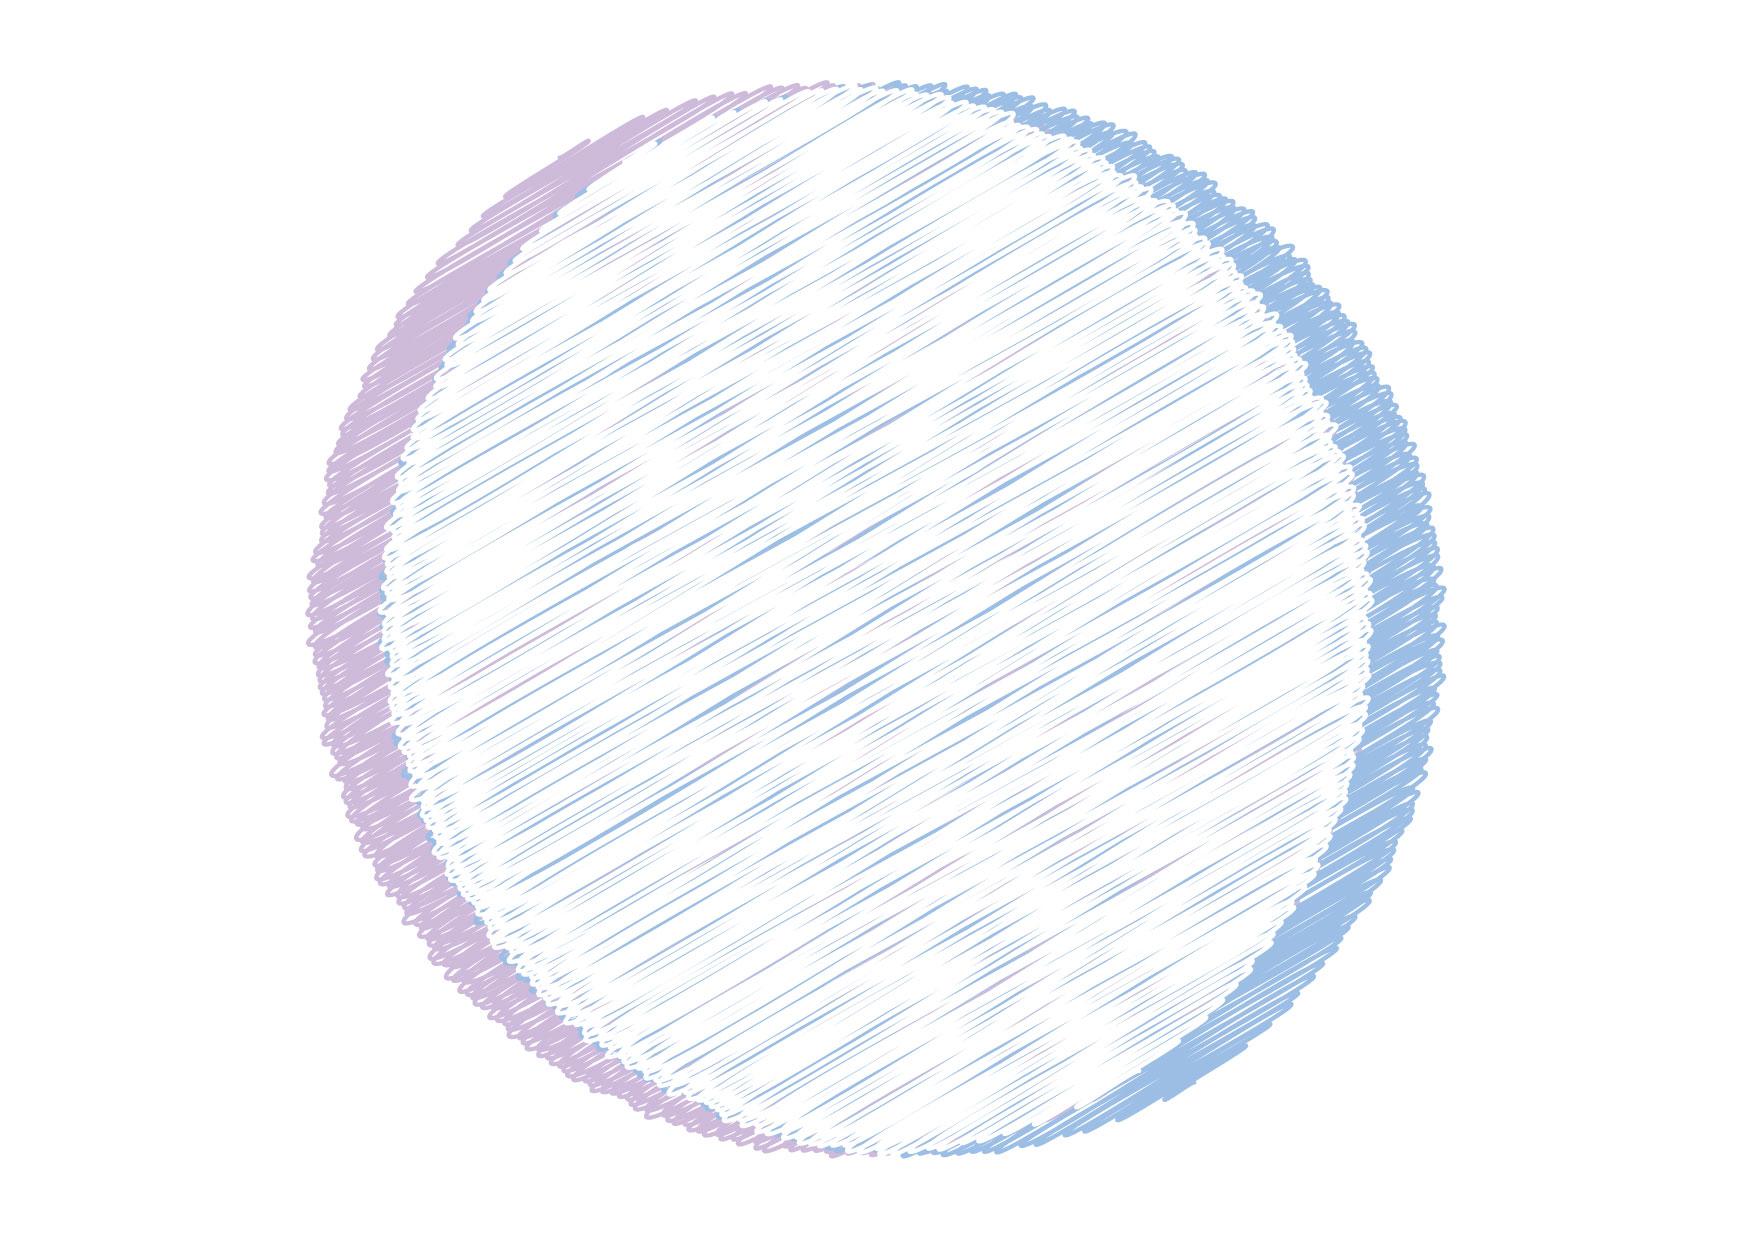 可愛いイラスト無料|円フレーム 落書き 青色 背景 − free illustration Circle frame graffiti blue background